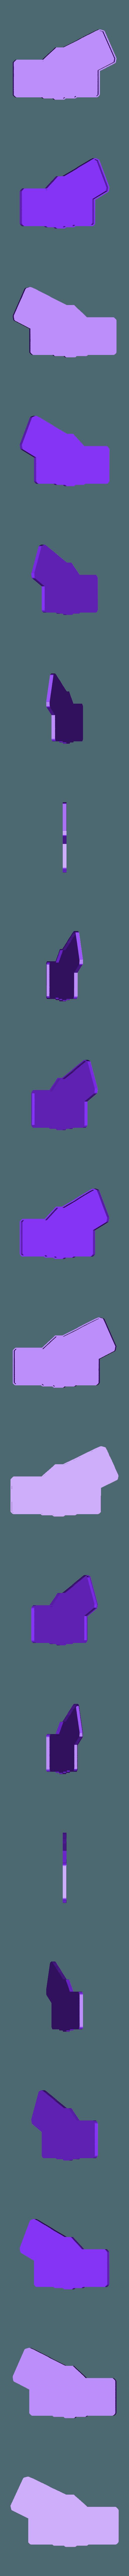 gergo-right.stl Télécharger fichier STL gratuit Étui ergonomique pour clavier Gergo • Plan pour imprimante 3D, rsheldiii